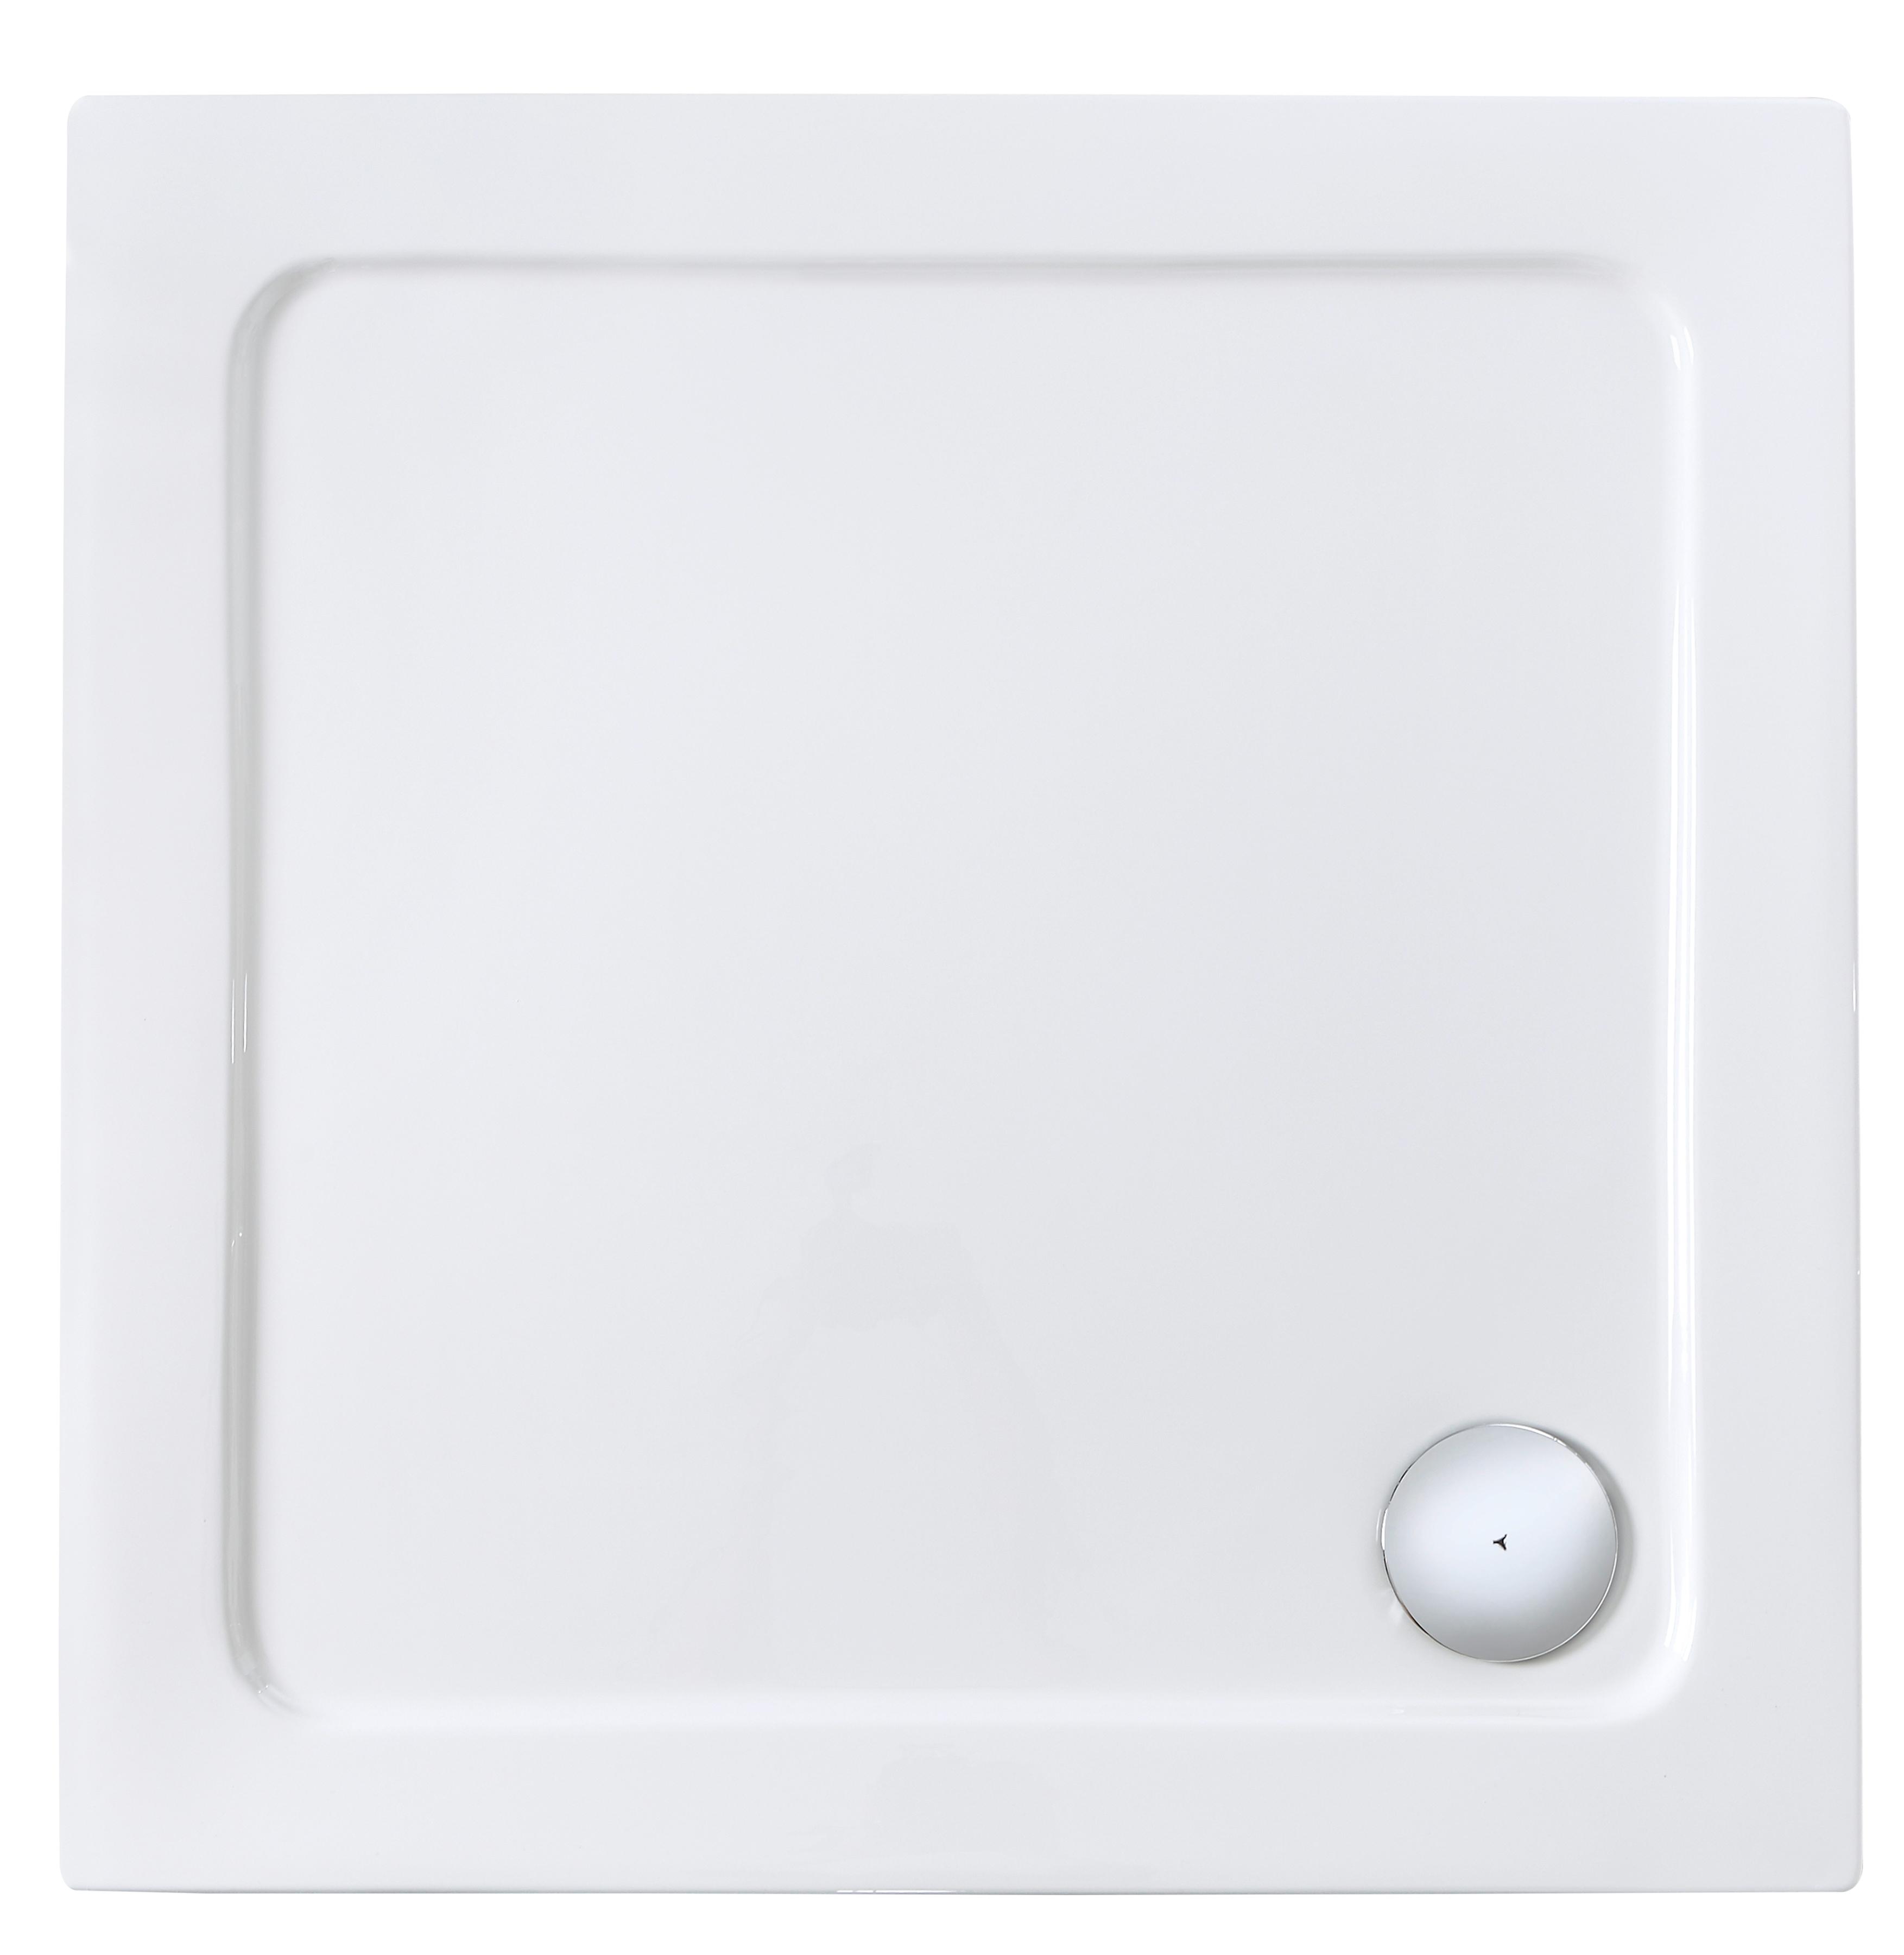 Eckduschwanne, Duschwanne 90 x 90 cm | Bad > Duschen > Duschwannen | Weiß | QUELLE